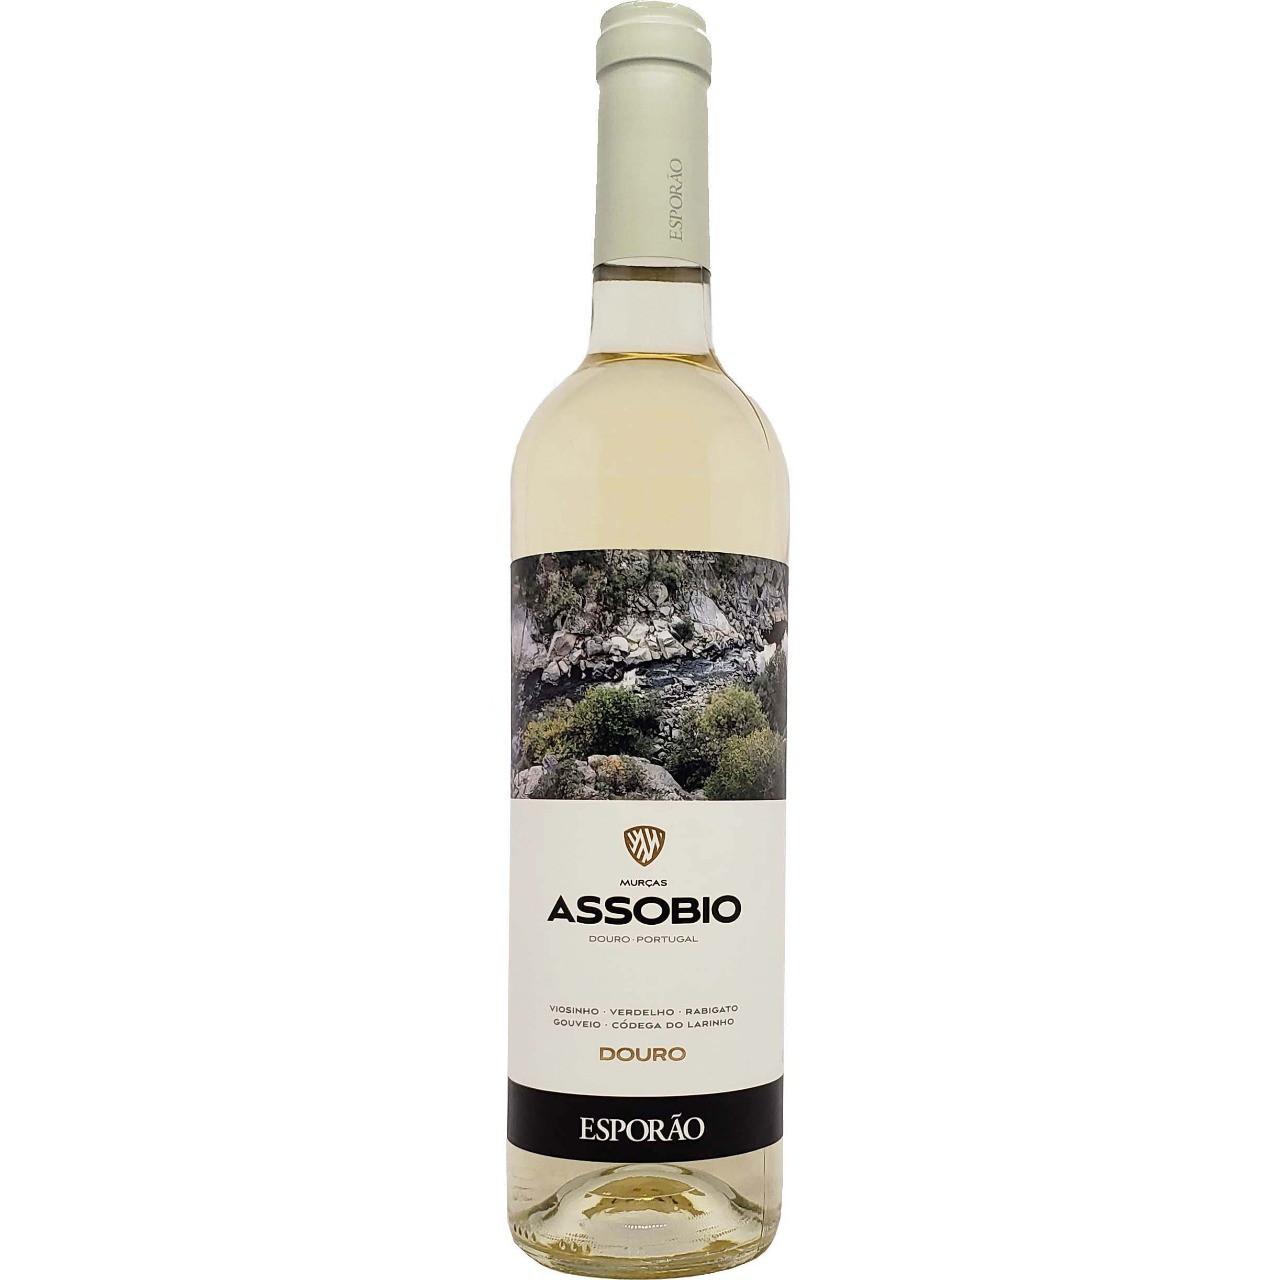 Vinho Branco Assobio Douro Esporão - 750ml -